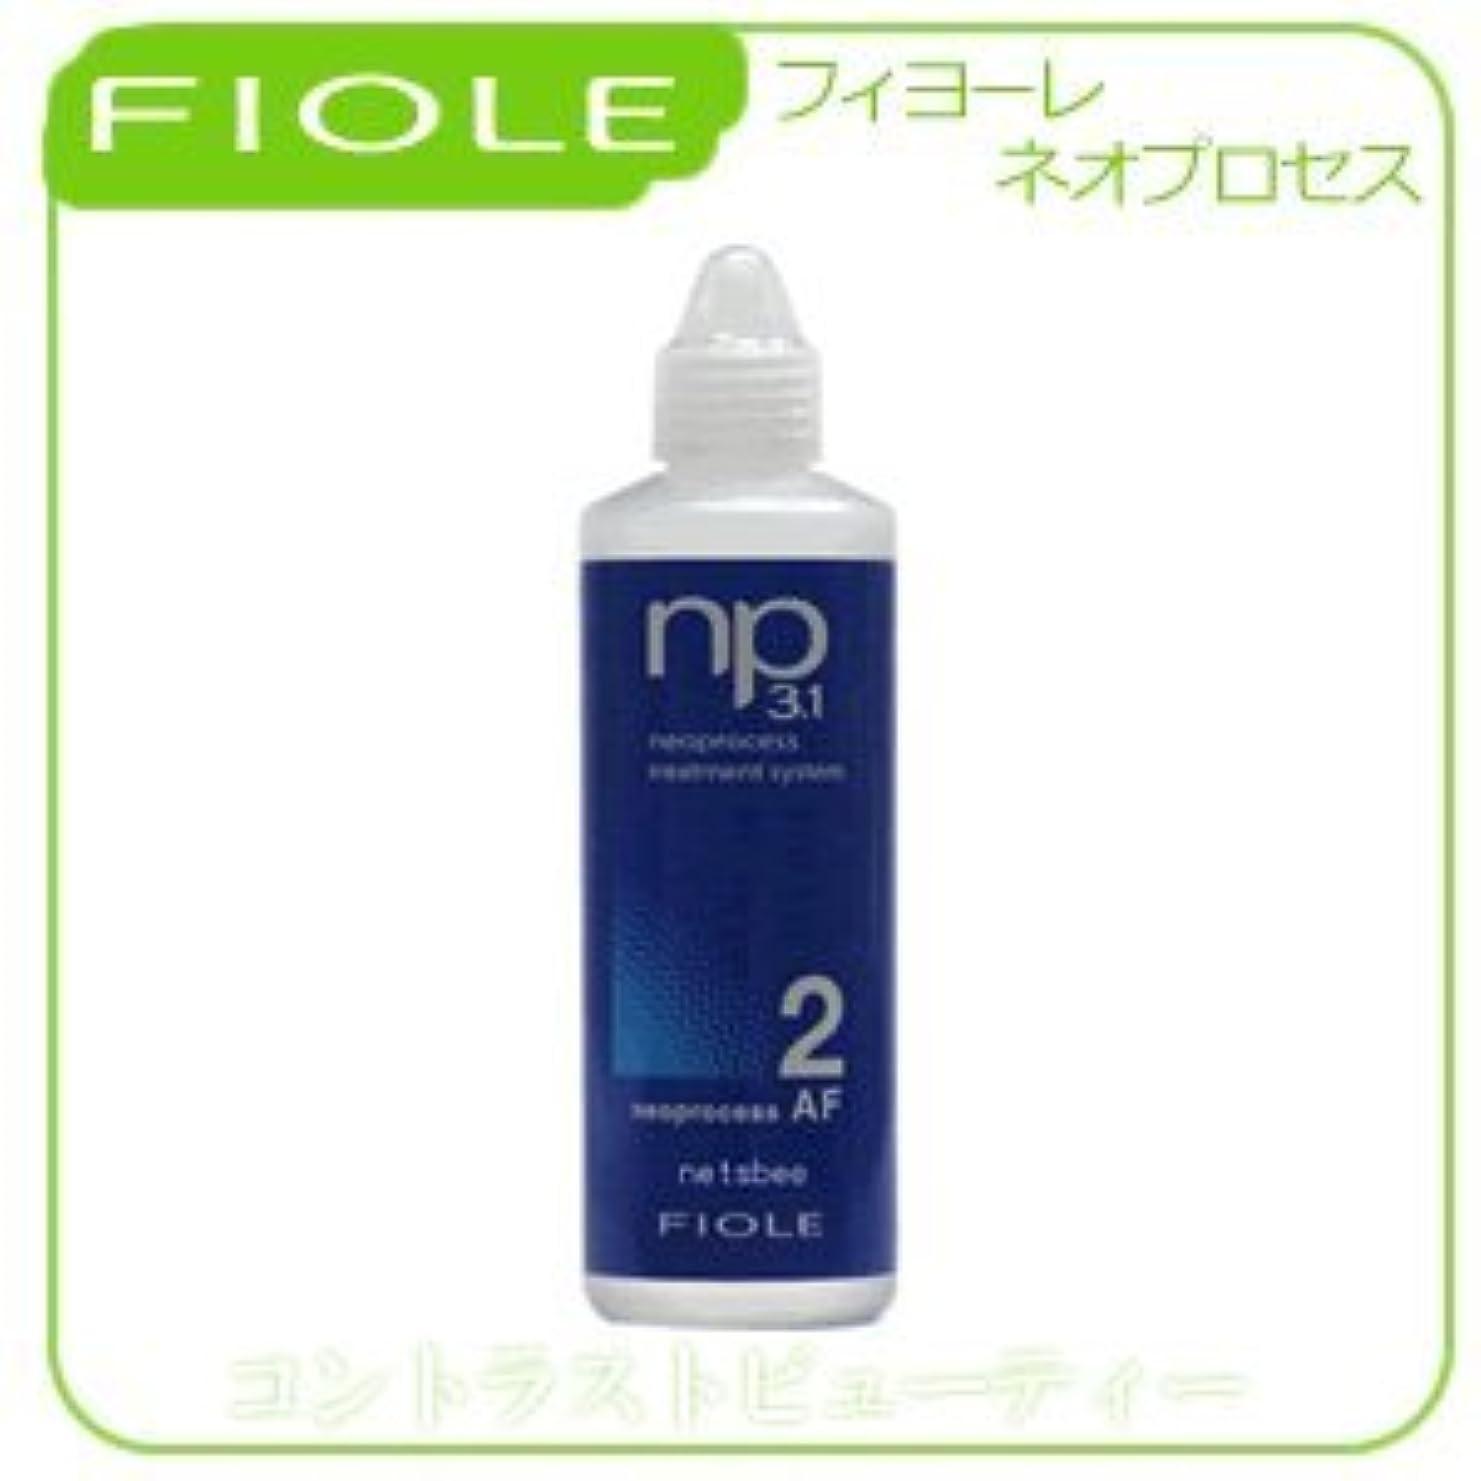 不適なめらかコウモリ【X4個セット】 フィヨーレ NP3.1 ネオプロセス AF2 130ml FIOLE ネオプロセス